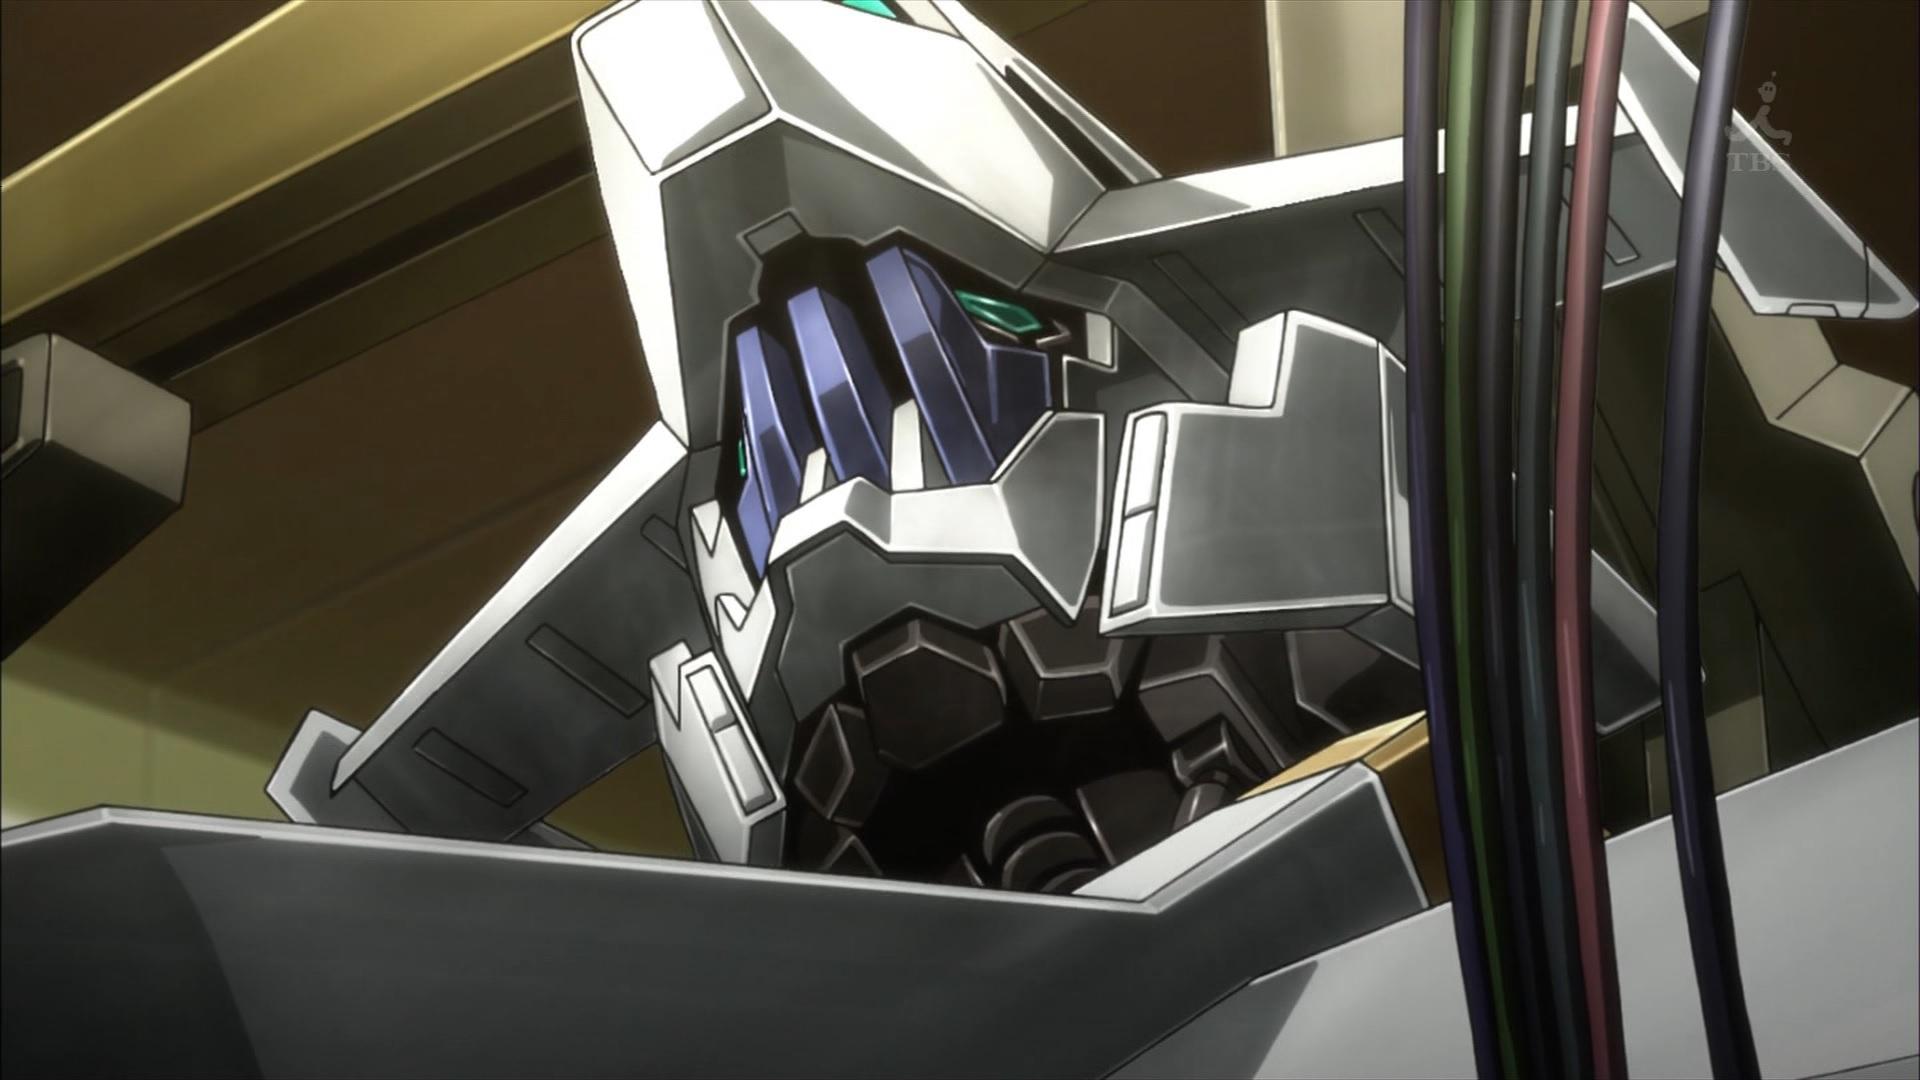 ガンダムフラウロス(第34話画像)